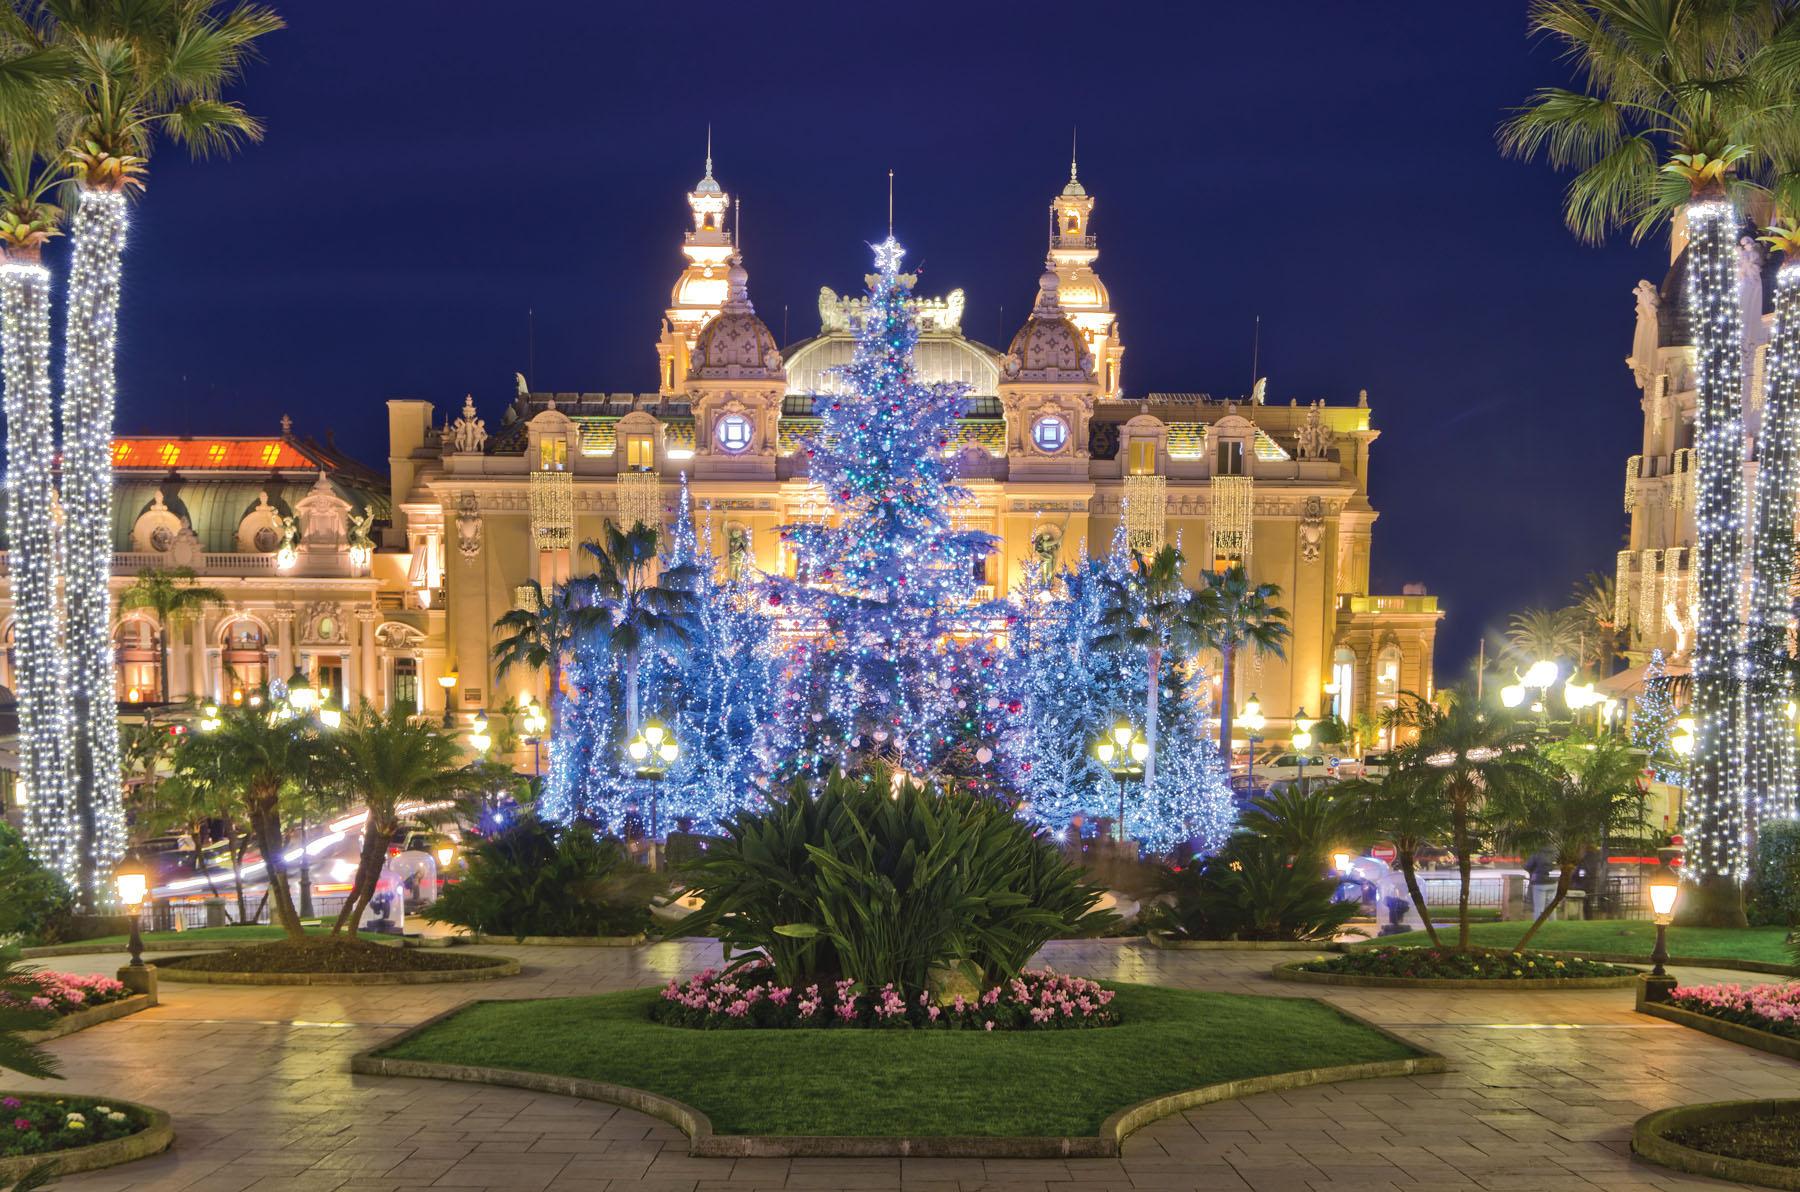 Monte Carlo_69309316_1